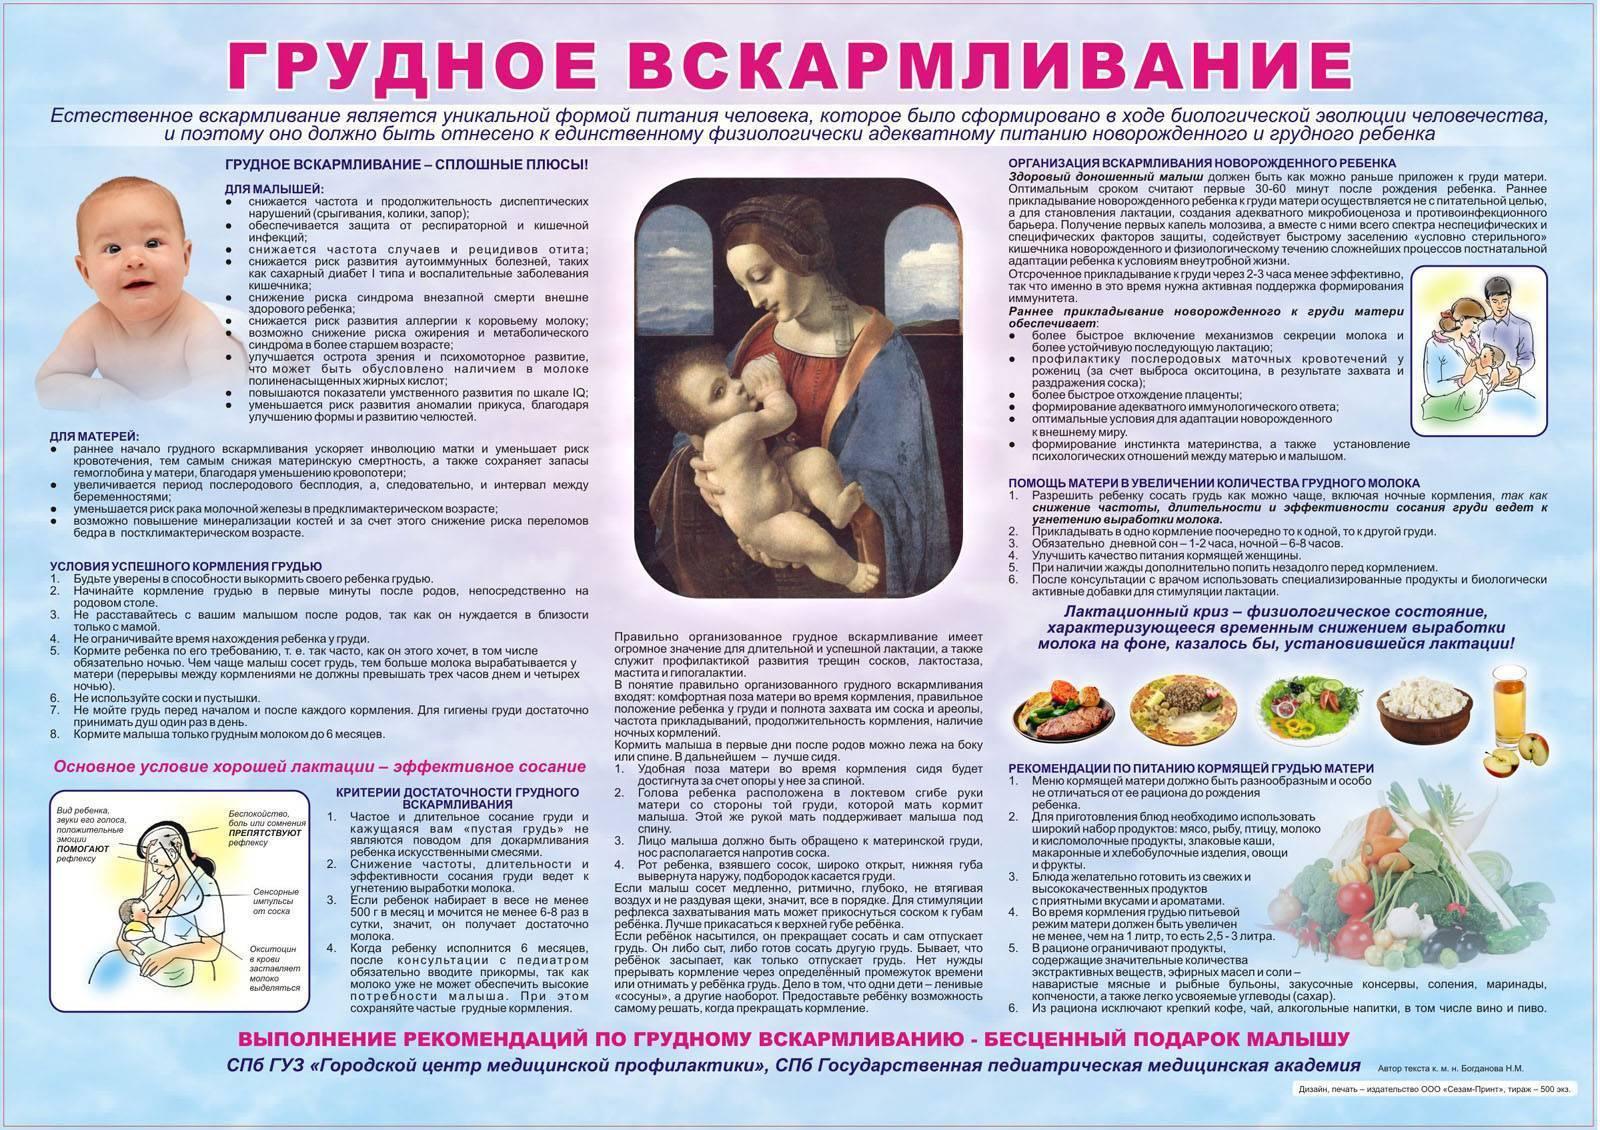 Позы кормления грудью удобные для мамы и правильные для ребенка